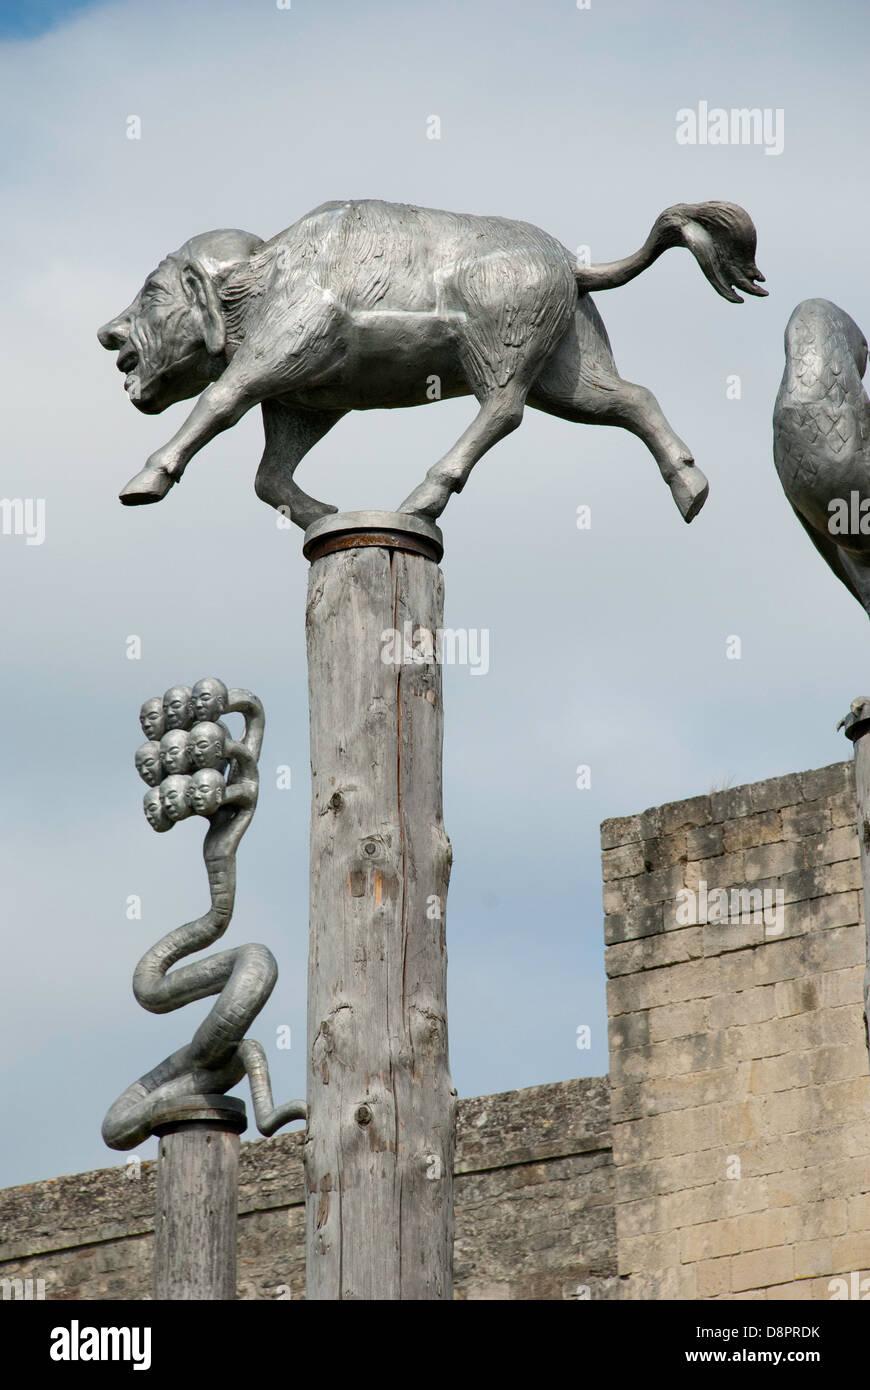 Où suis-je Martine 3/06 - Bravo Ajonc Sculpture-dans-le-parc-du-musee-des-beaux-arts-de-caen-caen-normandie-france-d8prdk